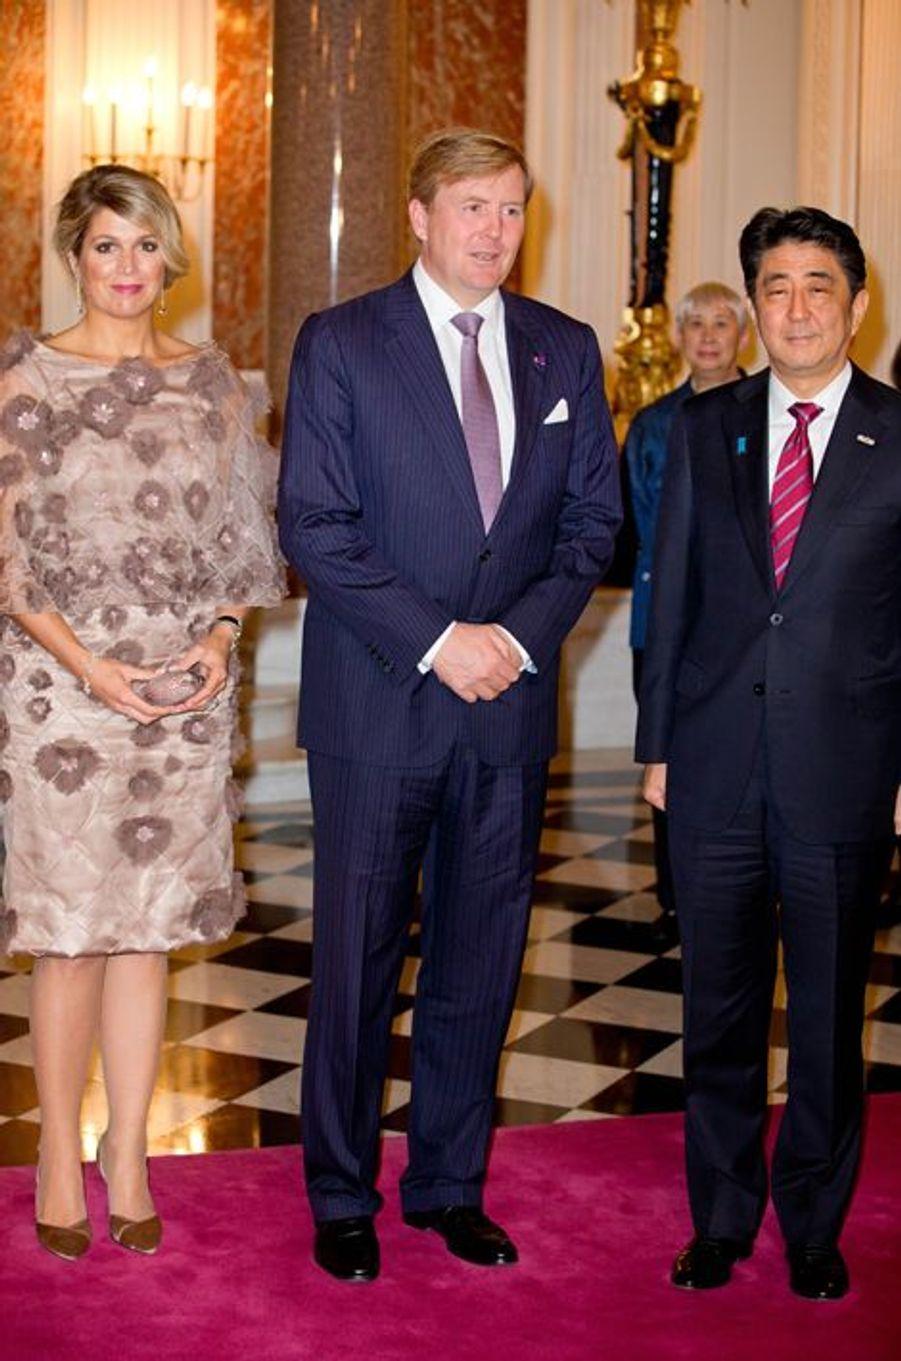 Le roi Willem-Alexander des Pays-Bas et la reine Maxima avec le Premier ministre Shinzo Abe, le 30 octobre 2014